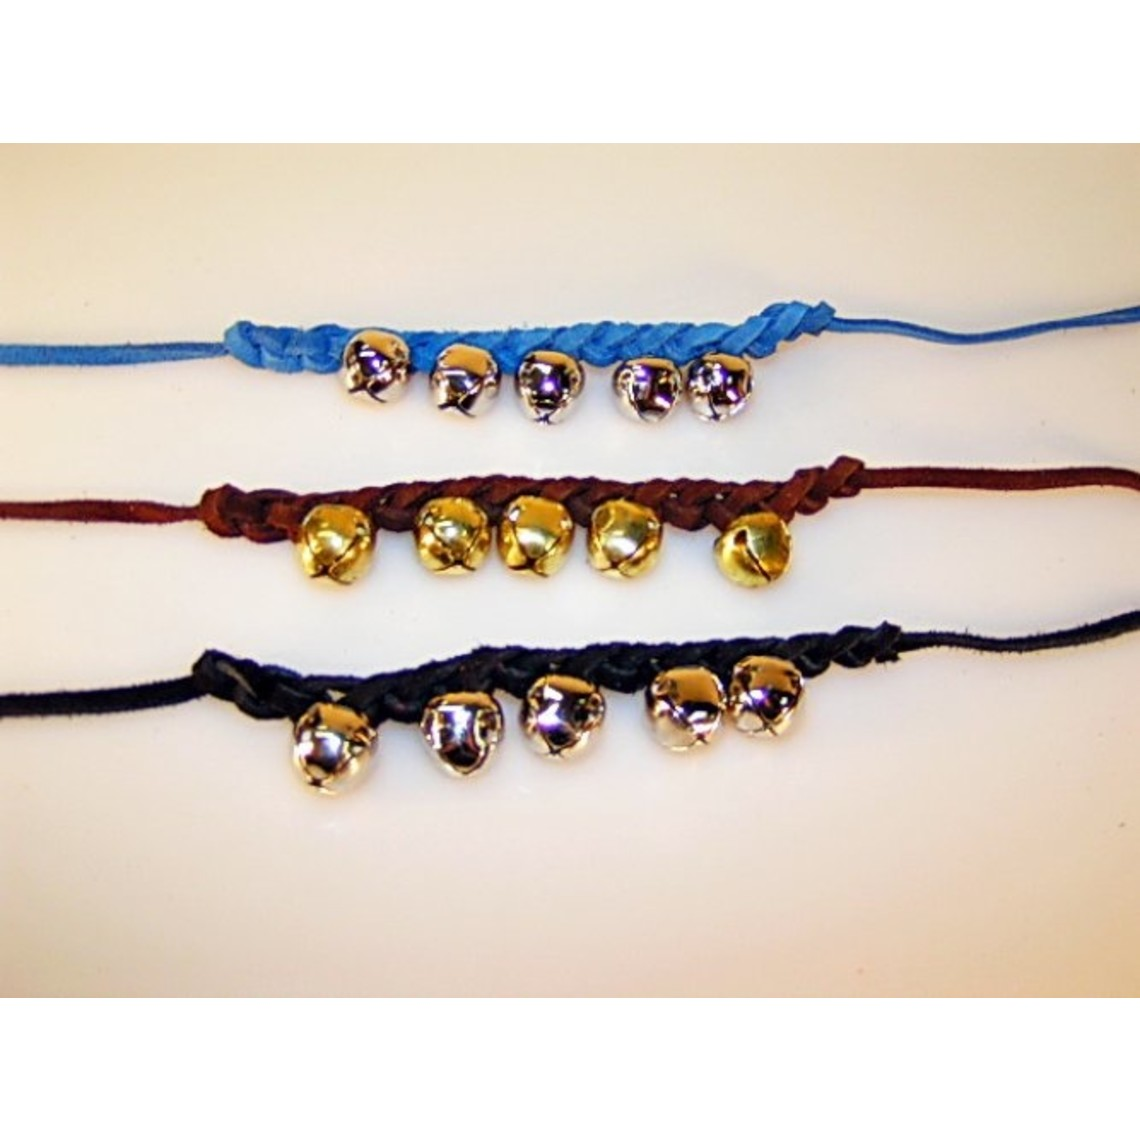 Middeleeuwse armband met belletjes, blauw